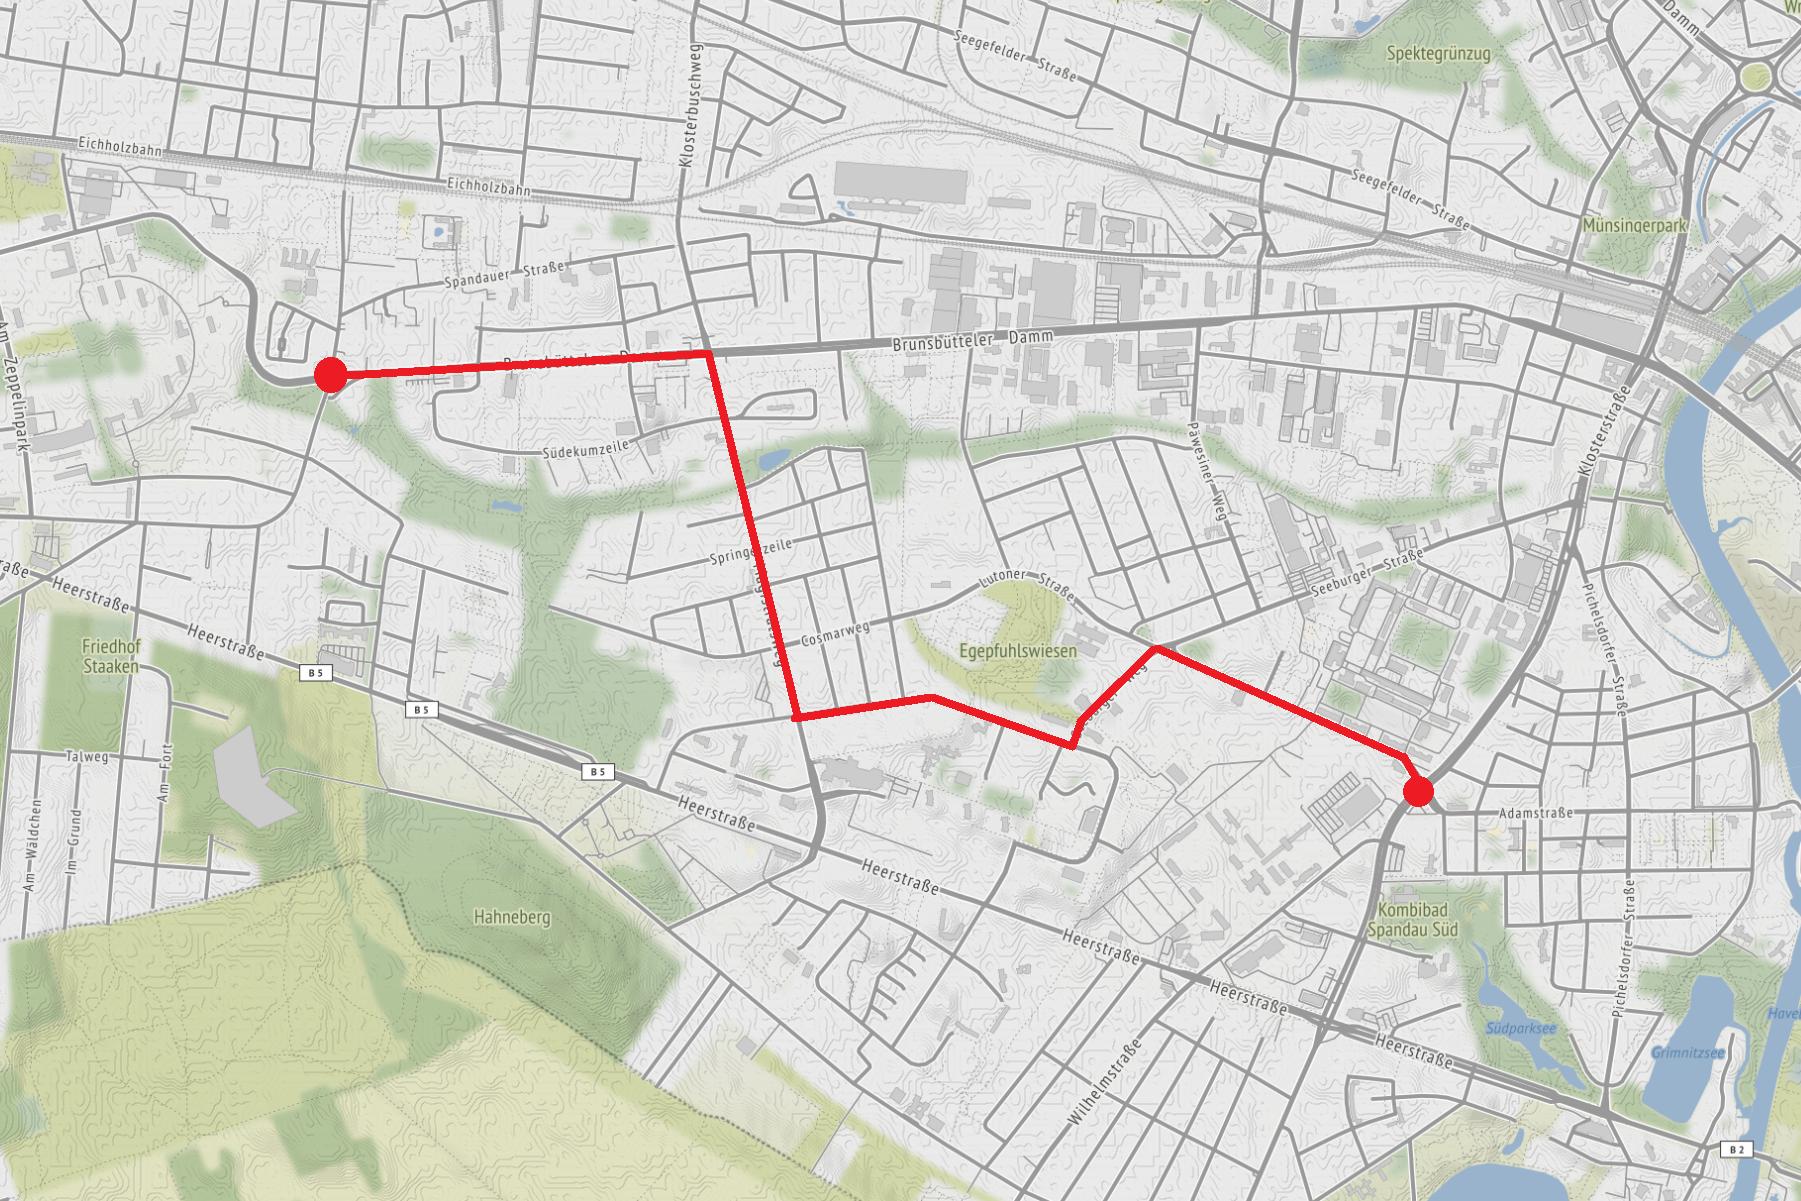 Die Route des geplanten Neonazi-Aufmarsches